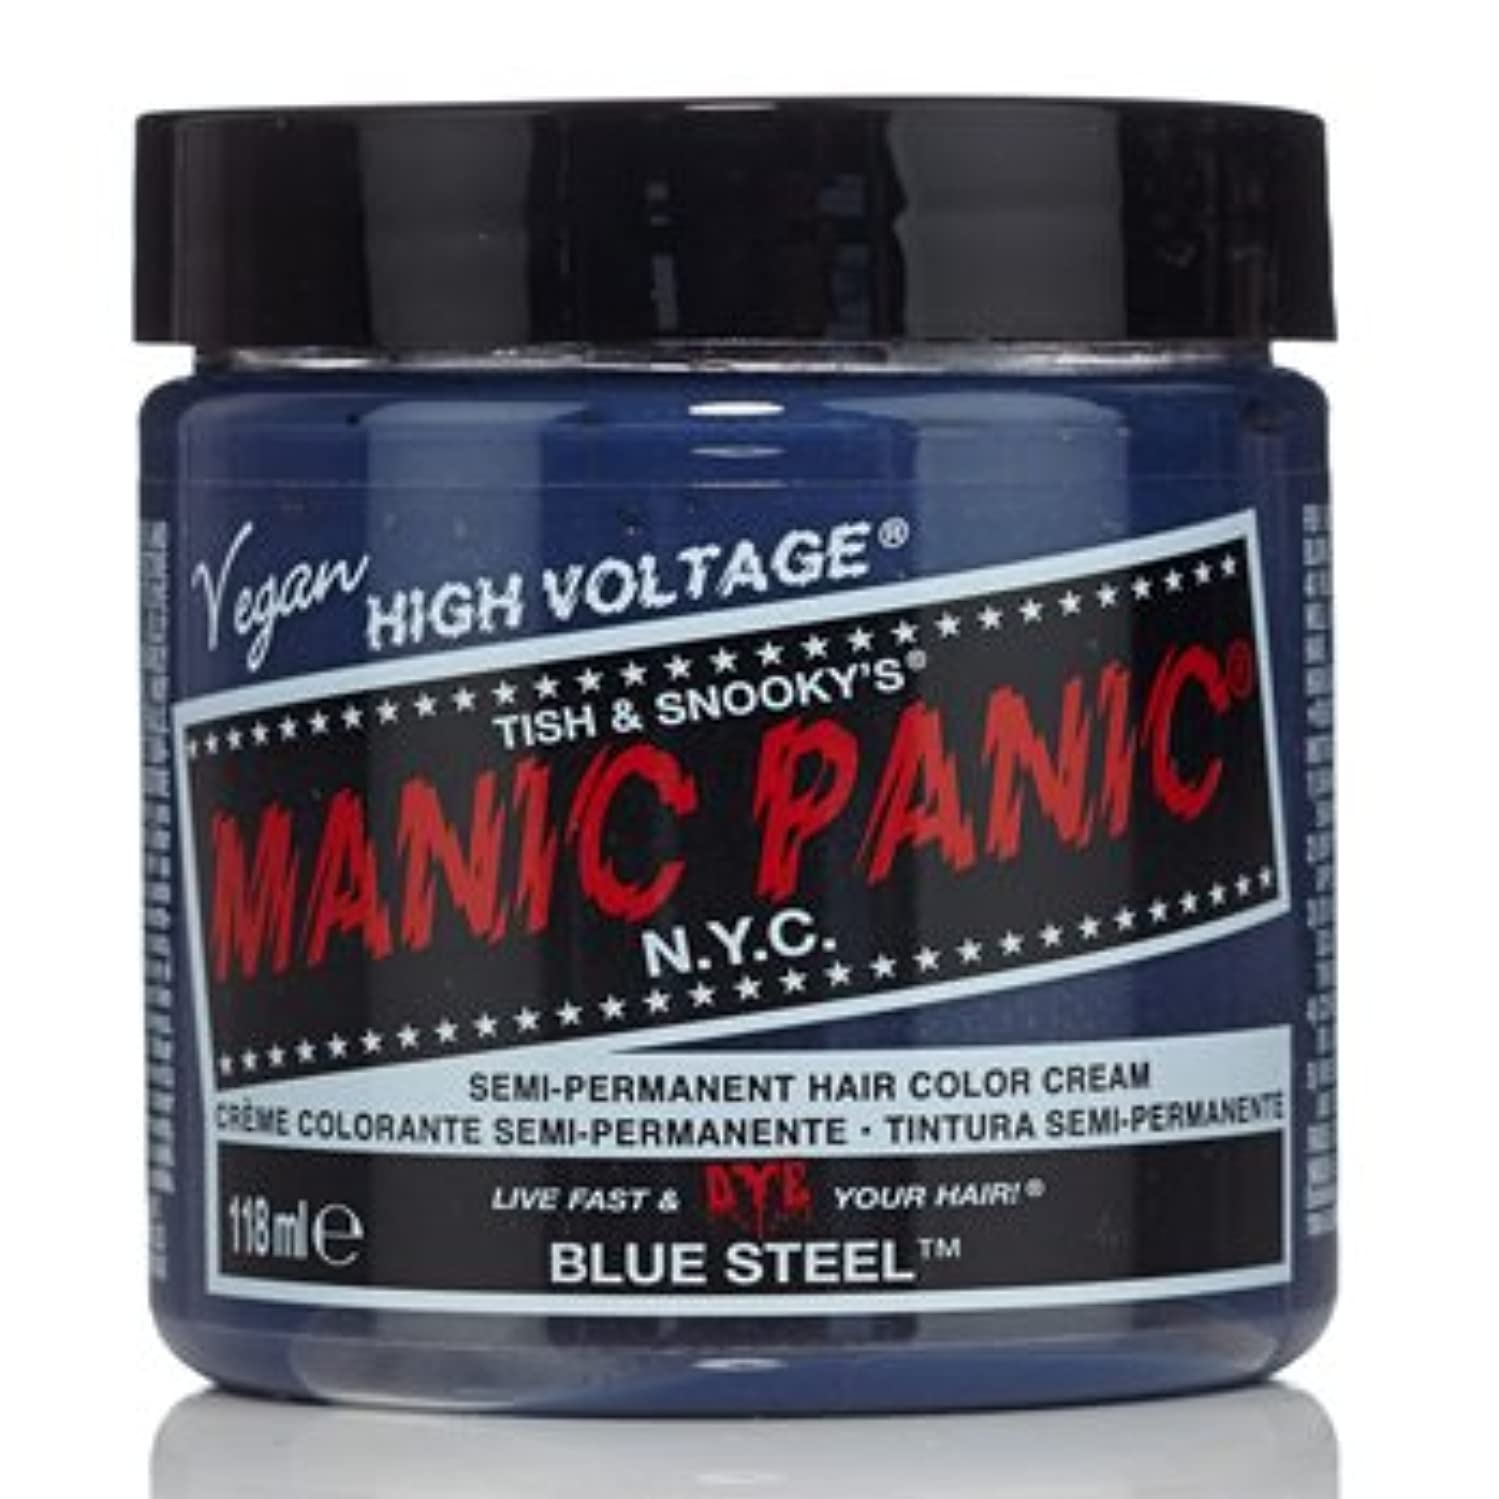 地元年金受給者要塞【3個セット】MANIC PANIC マニックパニック ブルースティール MC11052 118ml